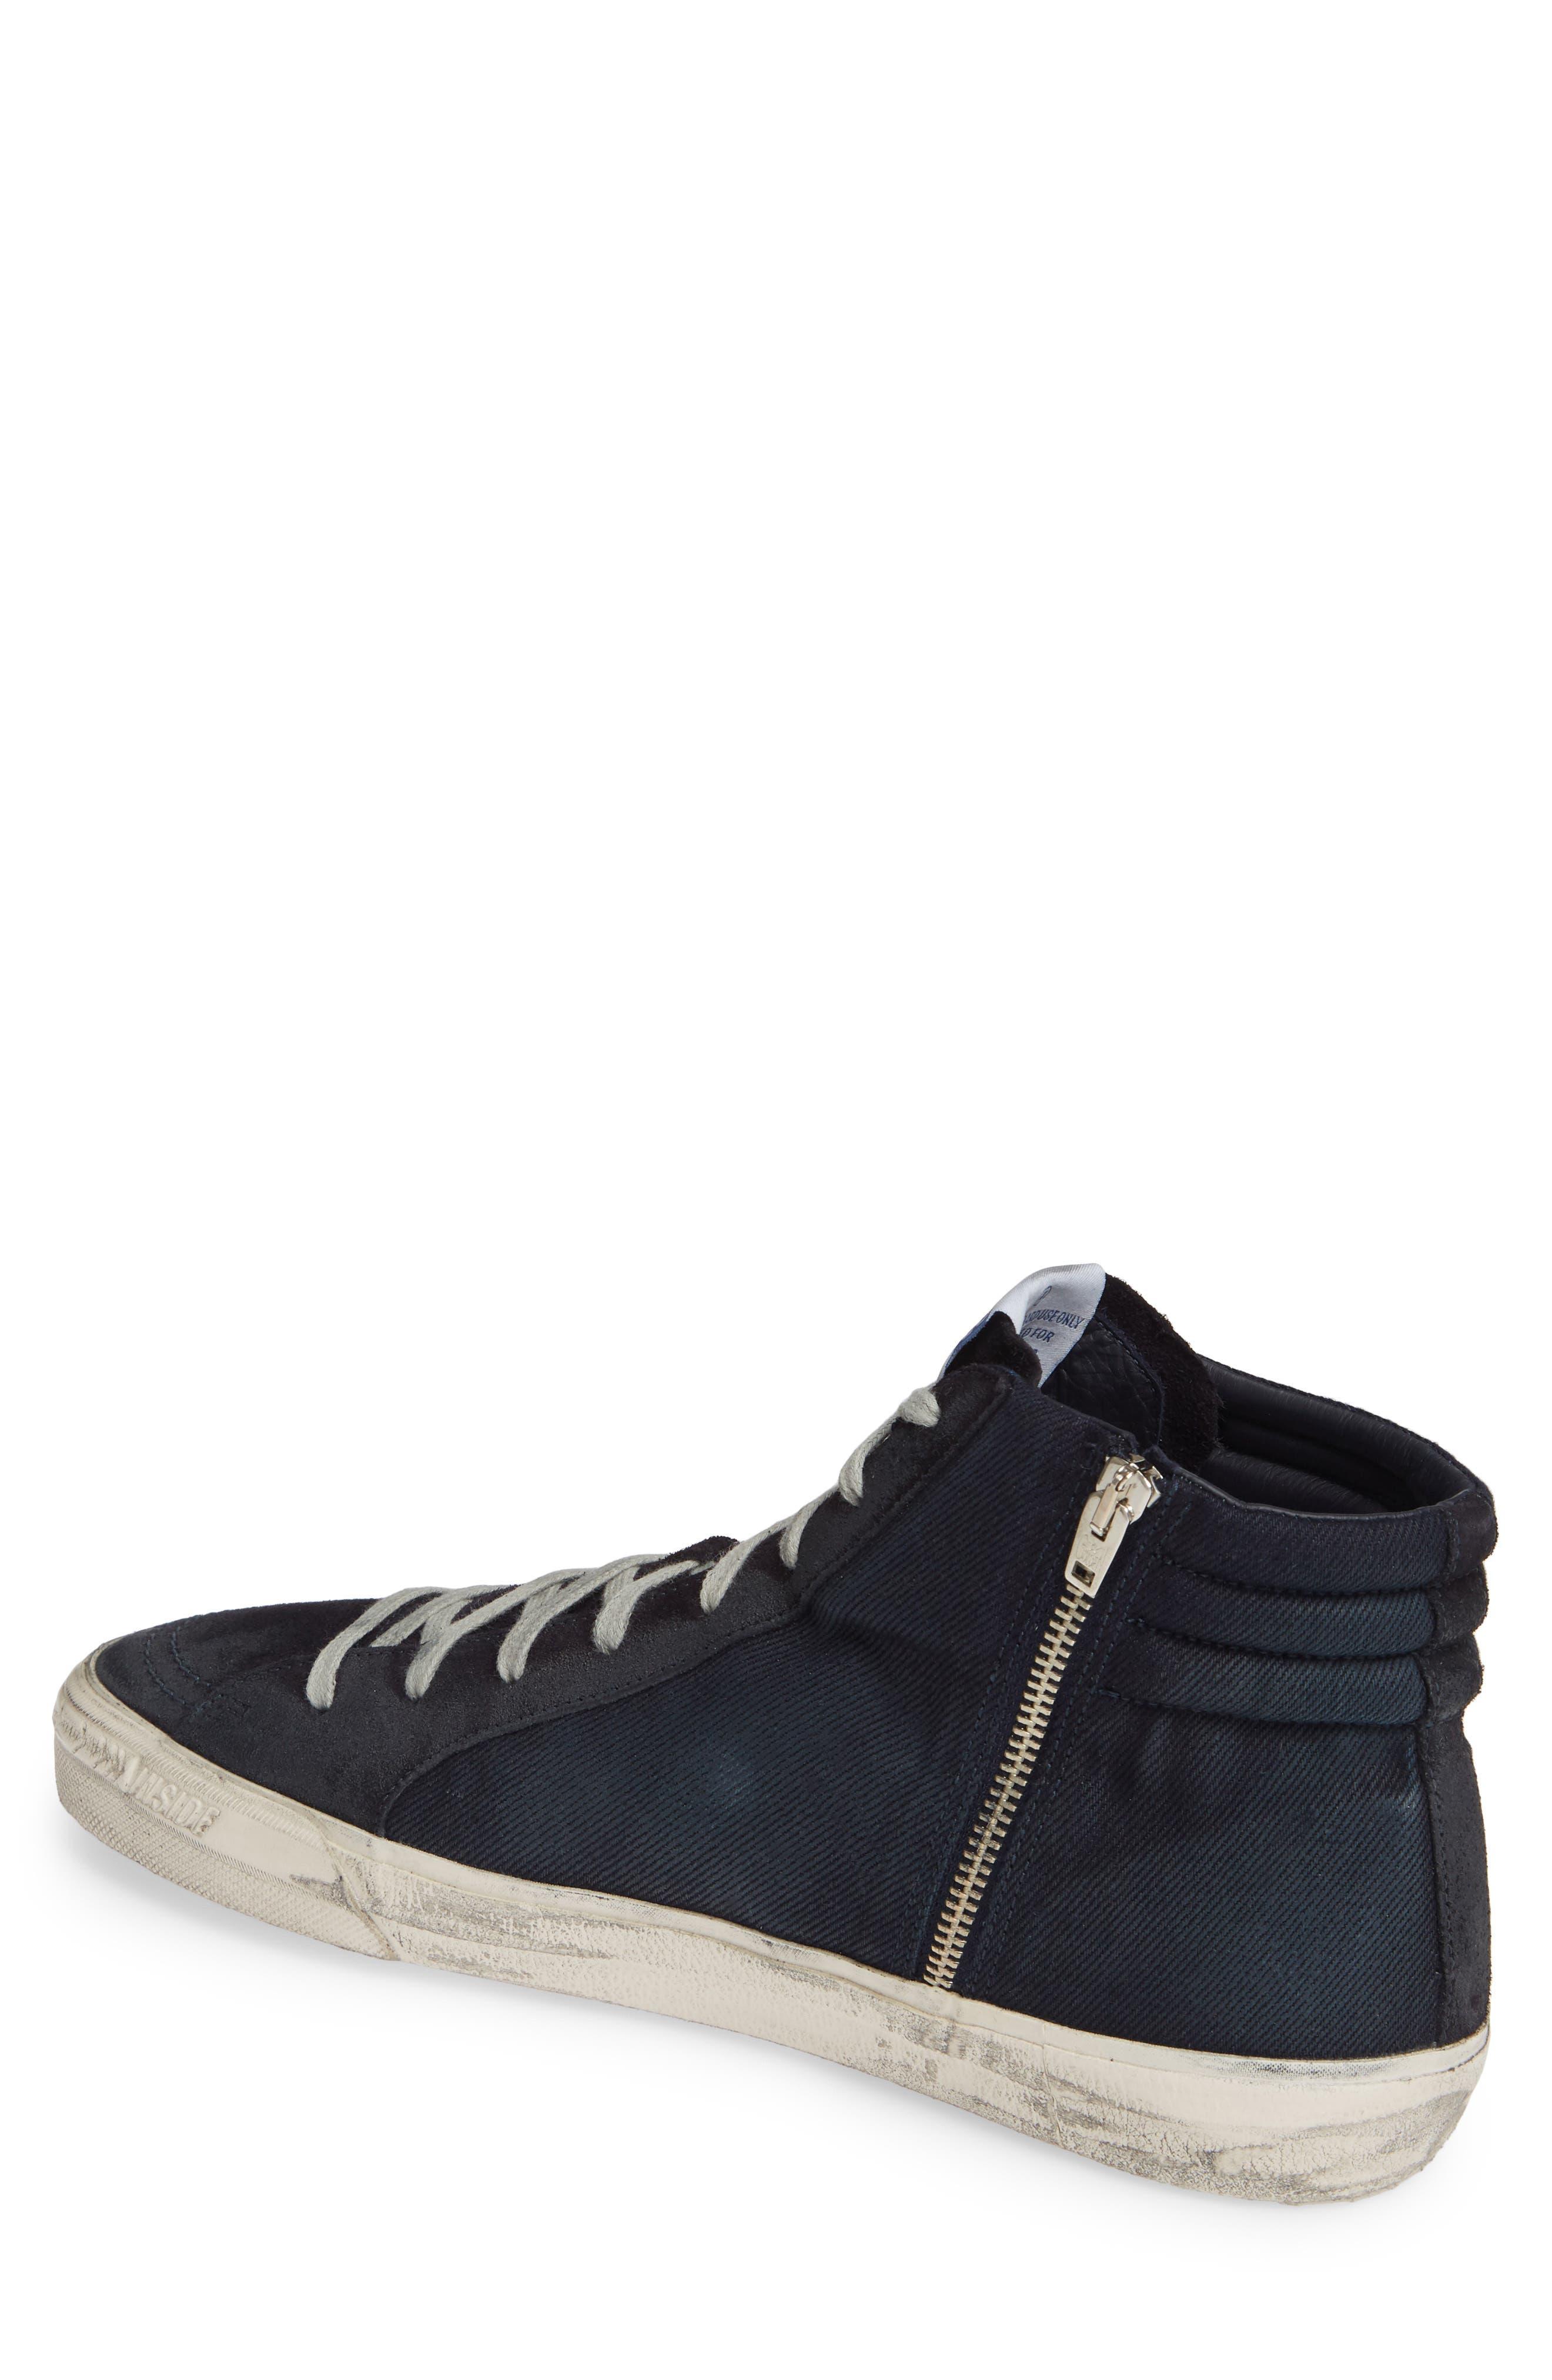 GOLDEN GOOSE, 'Slide' Sneaker, Alternate thumbnail 2, color, NAVY DENIM